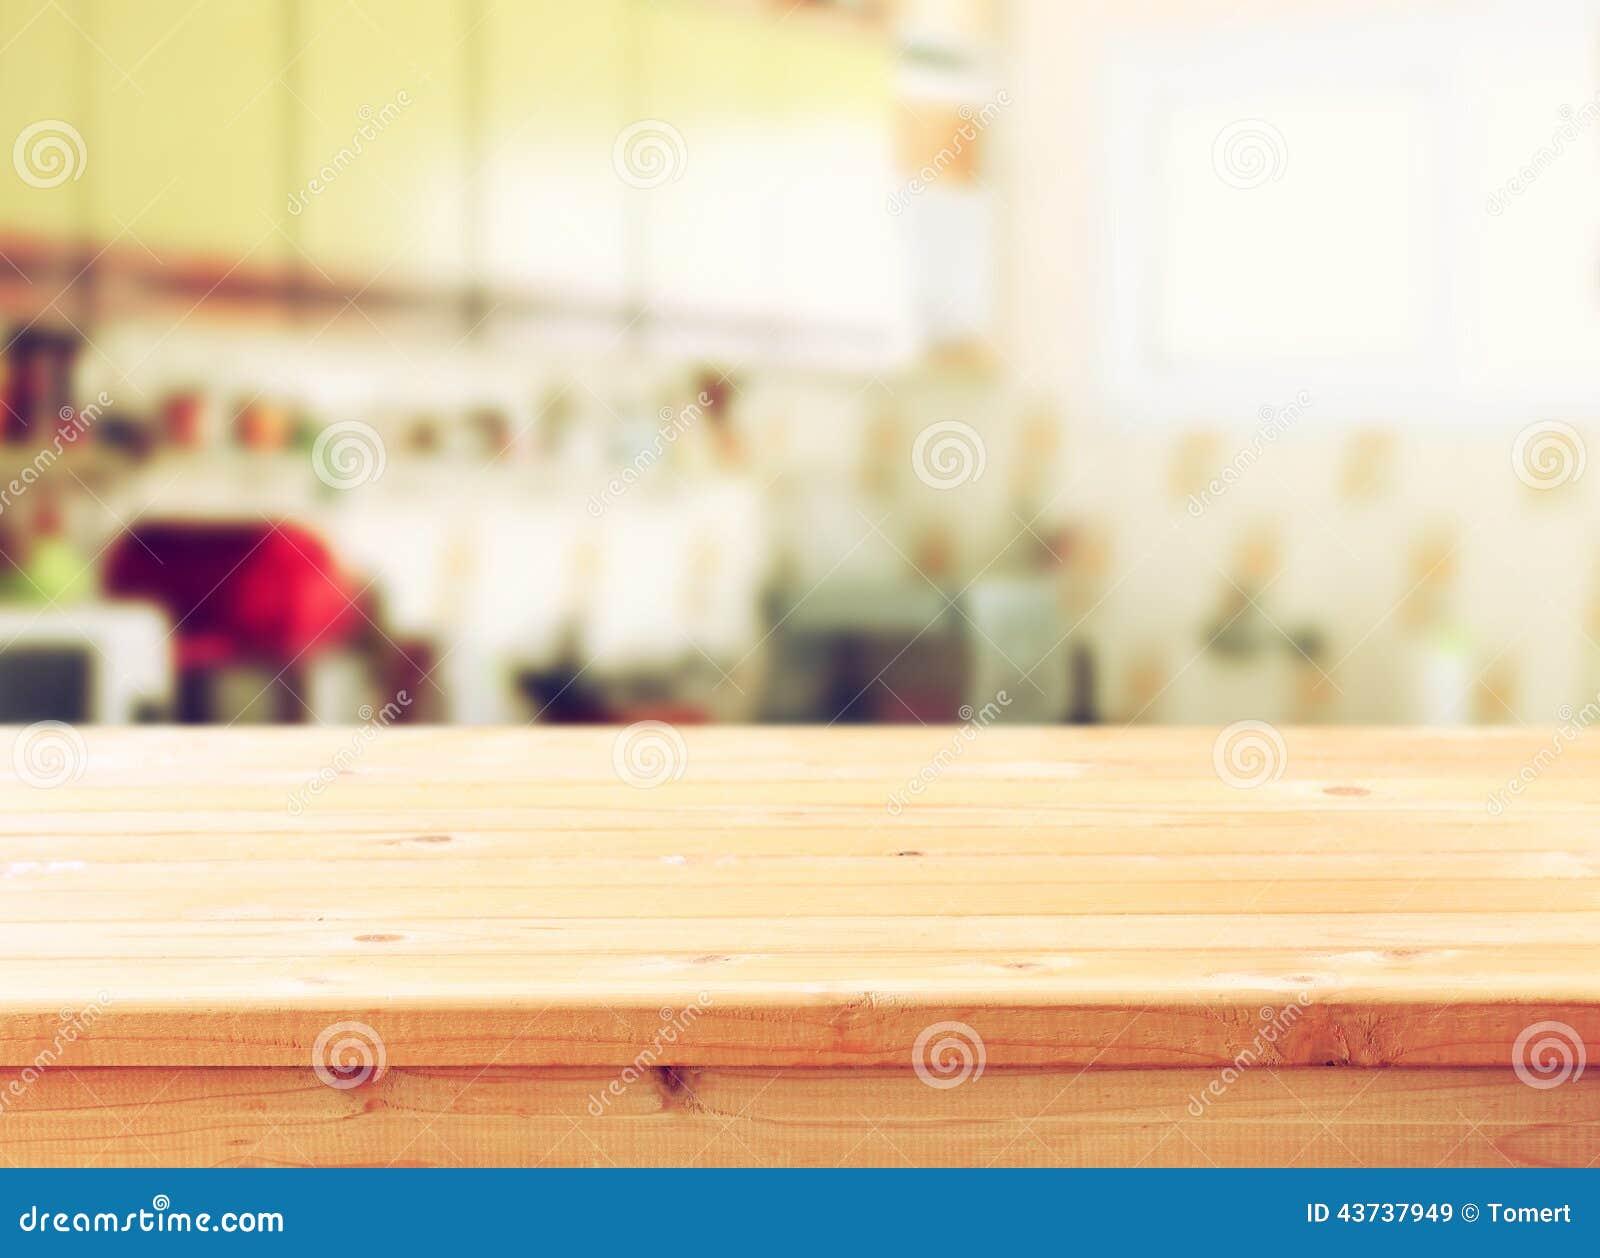 Ο κενός επιτραπέζιος πίνακας και το αναδρομικό υπόβαθρο κουζινών